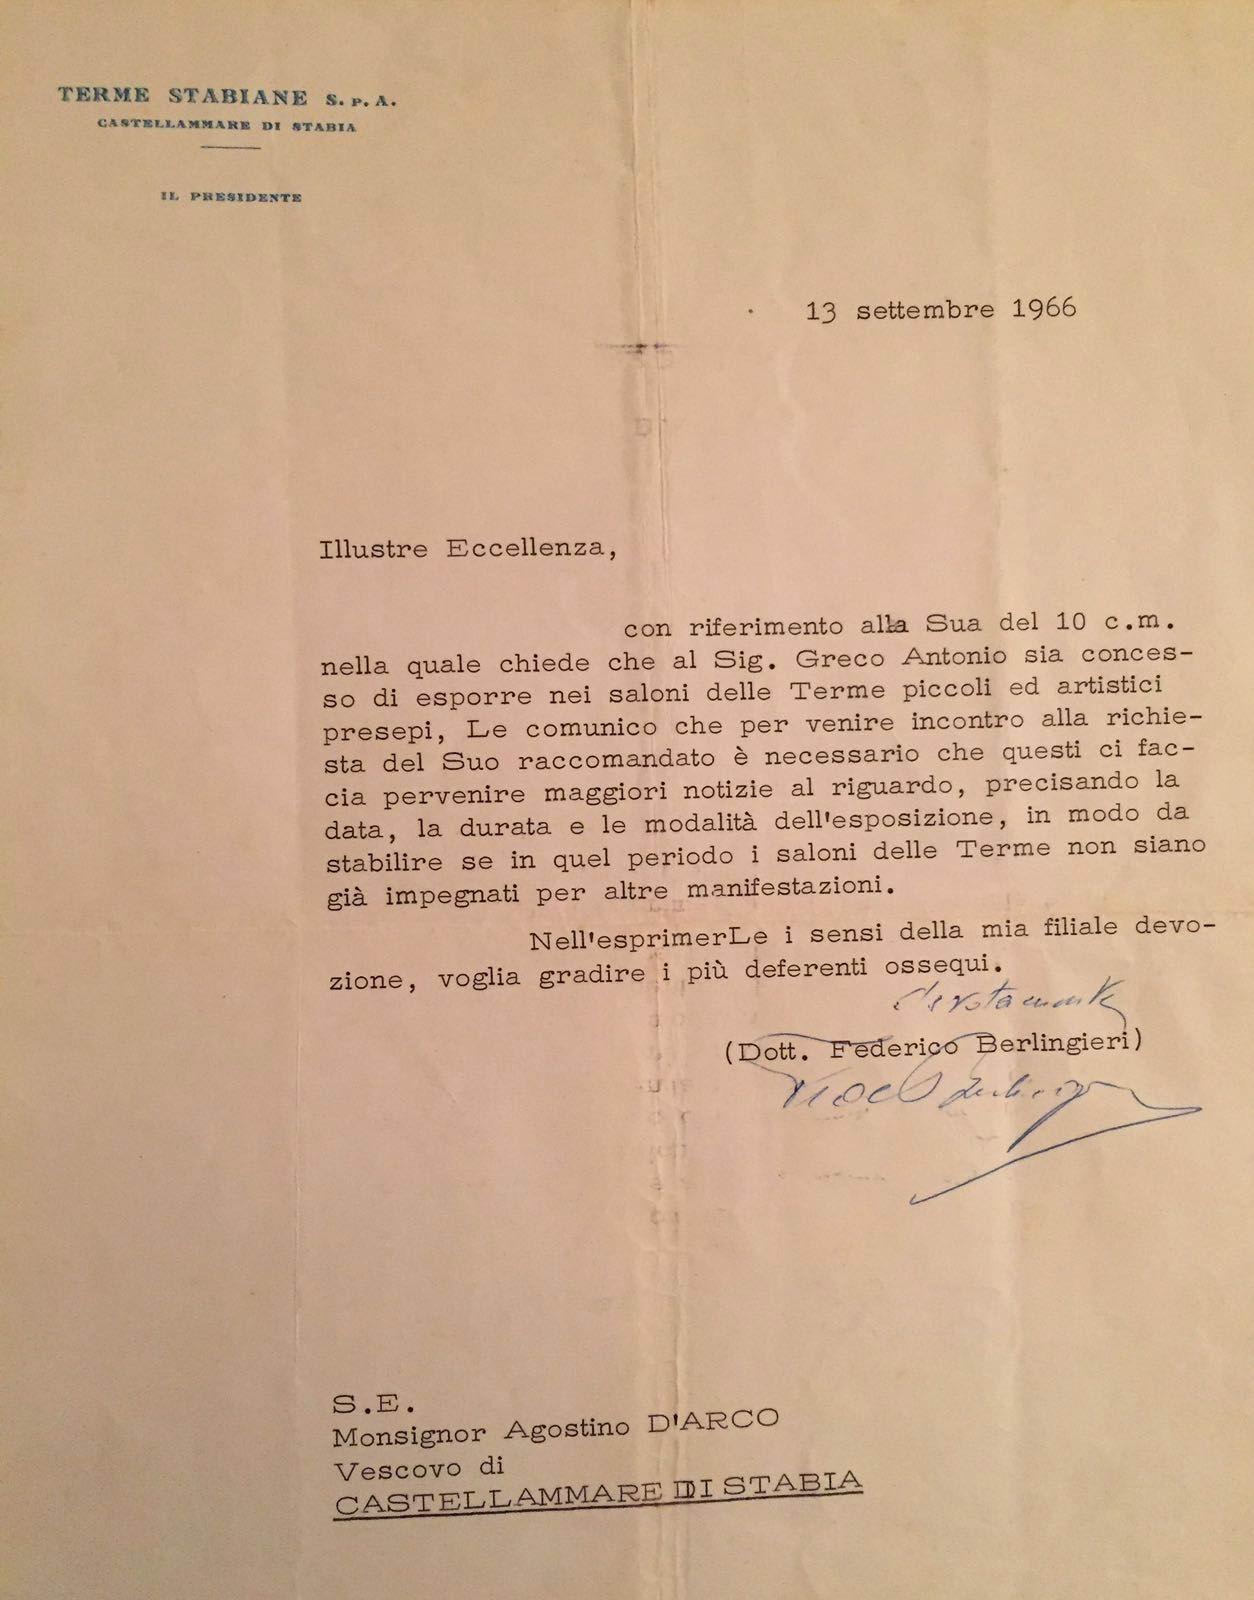 Lettera del 13 settembre 1966